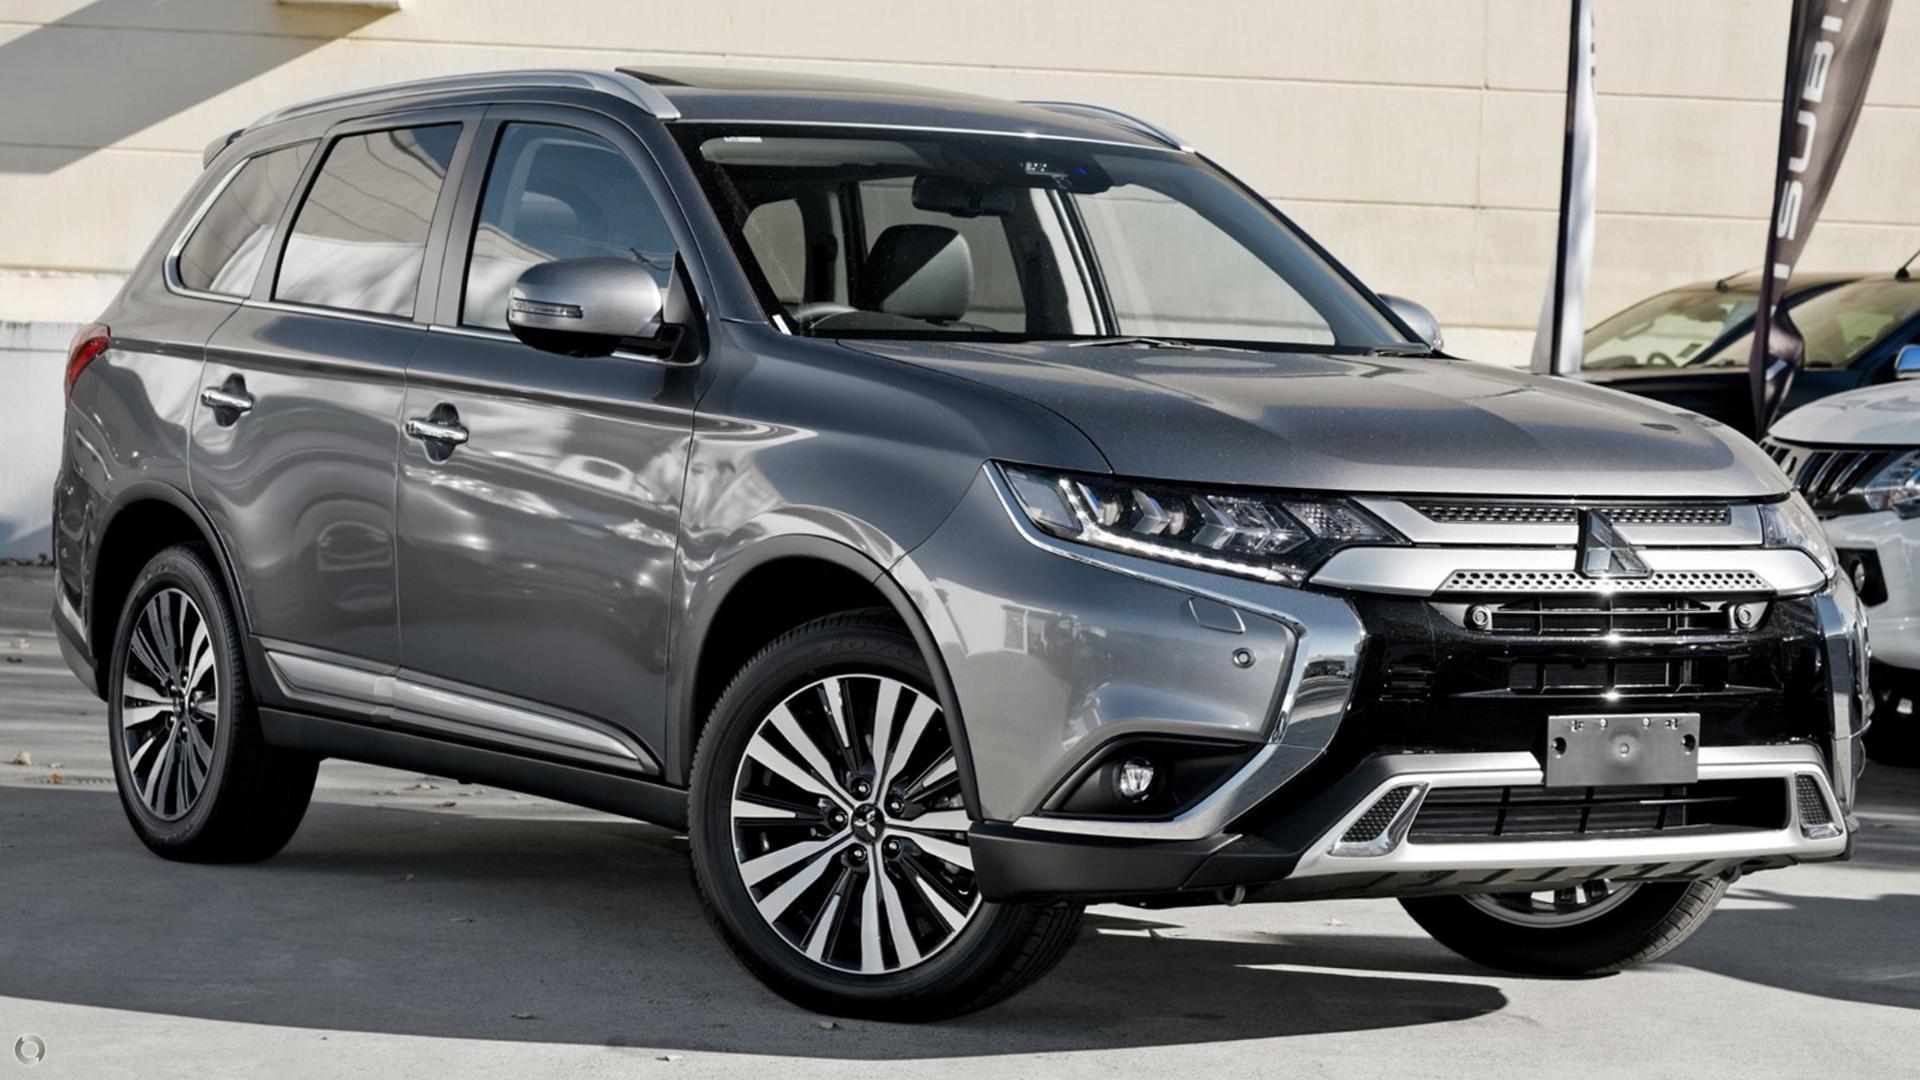 2019 Mitsubishi Outlander Exceed ZL